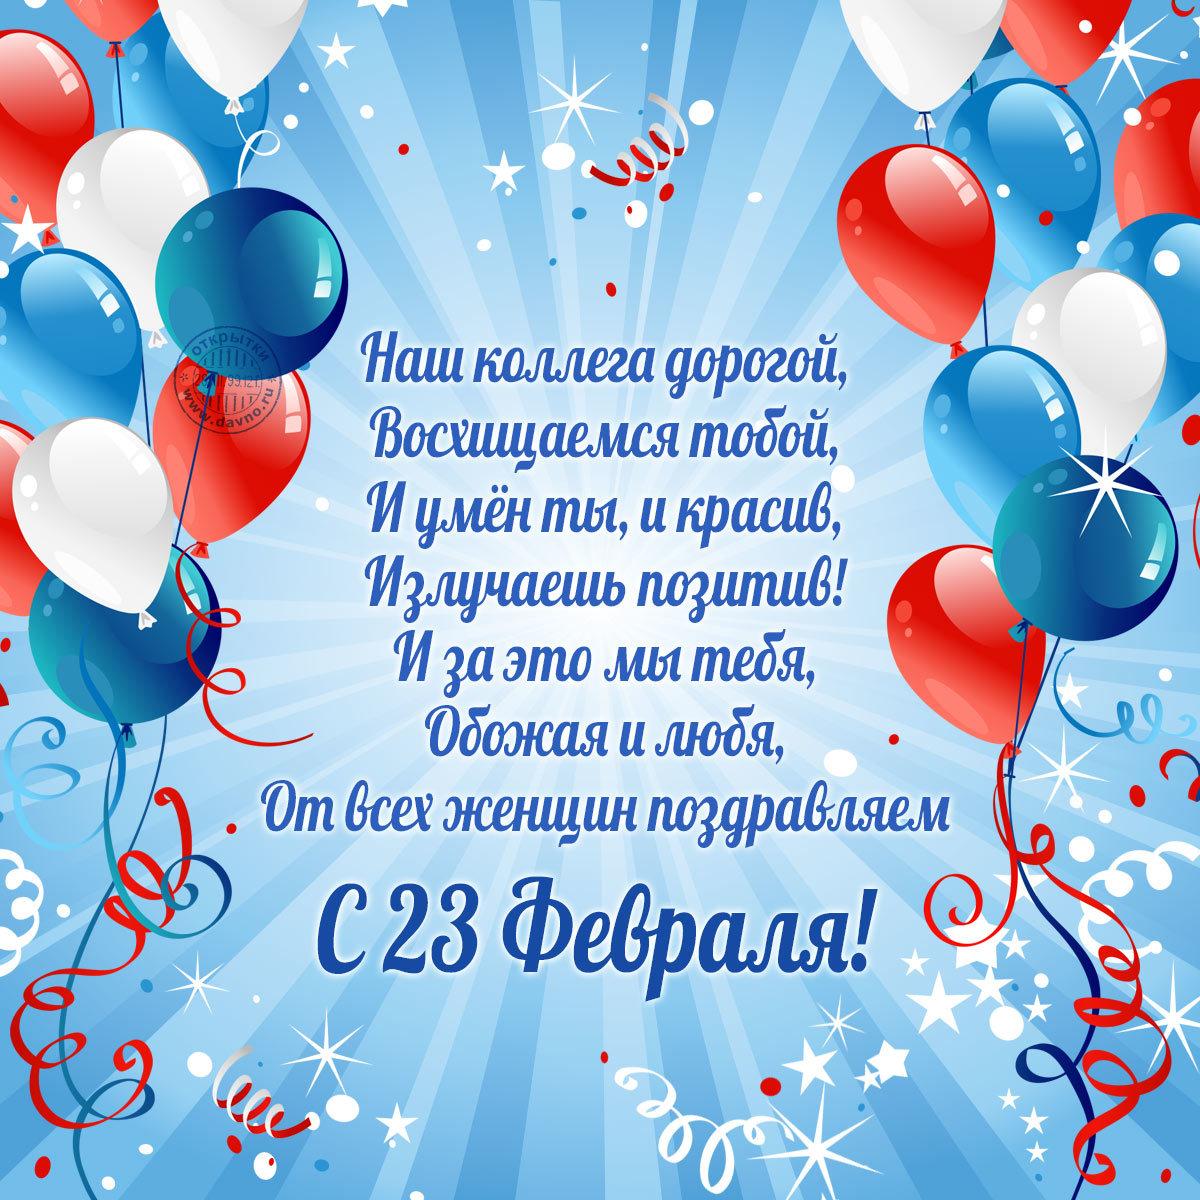 23 февраля лучшие поздравление